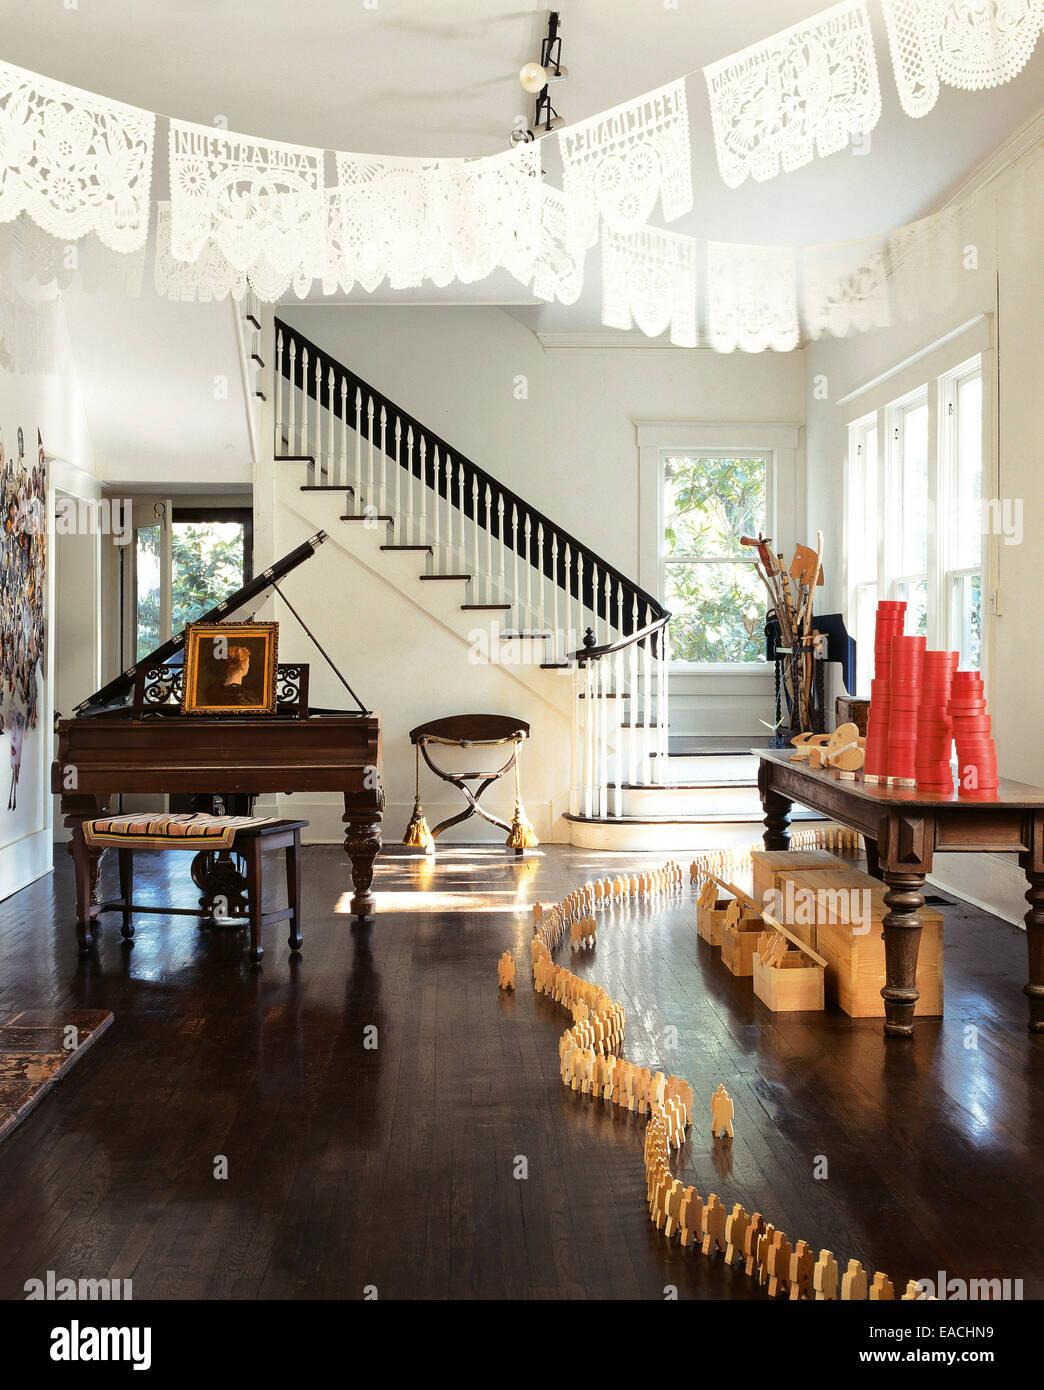 wohnzimmer mit formalen klavier und h lzerne figur dekoration stockfoto bild 75265381 alamy. Black Bedroom Furniture Sets. Home Design Ideas